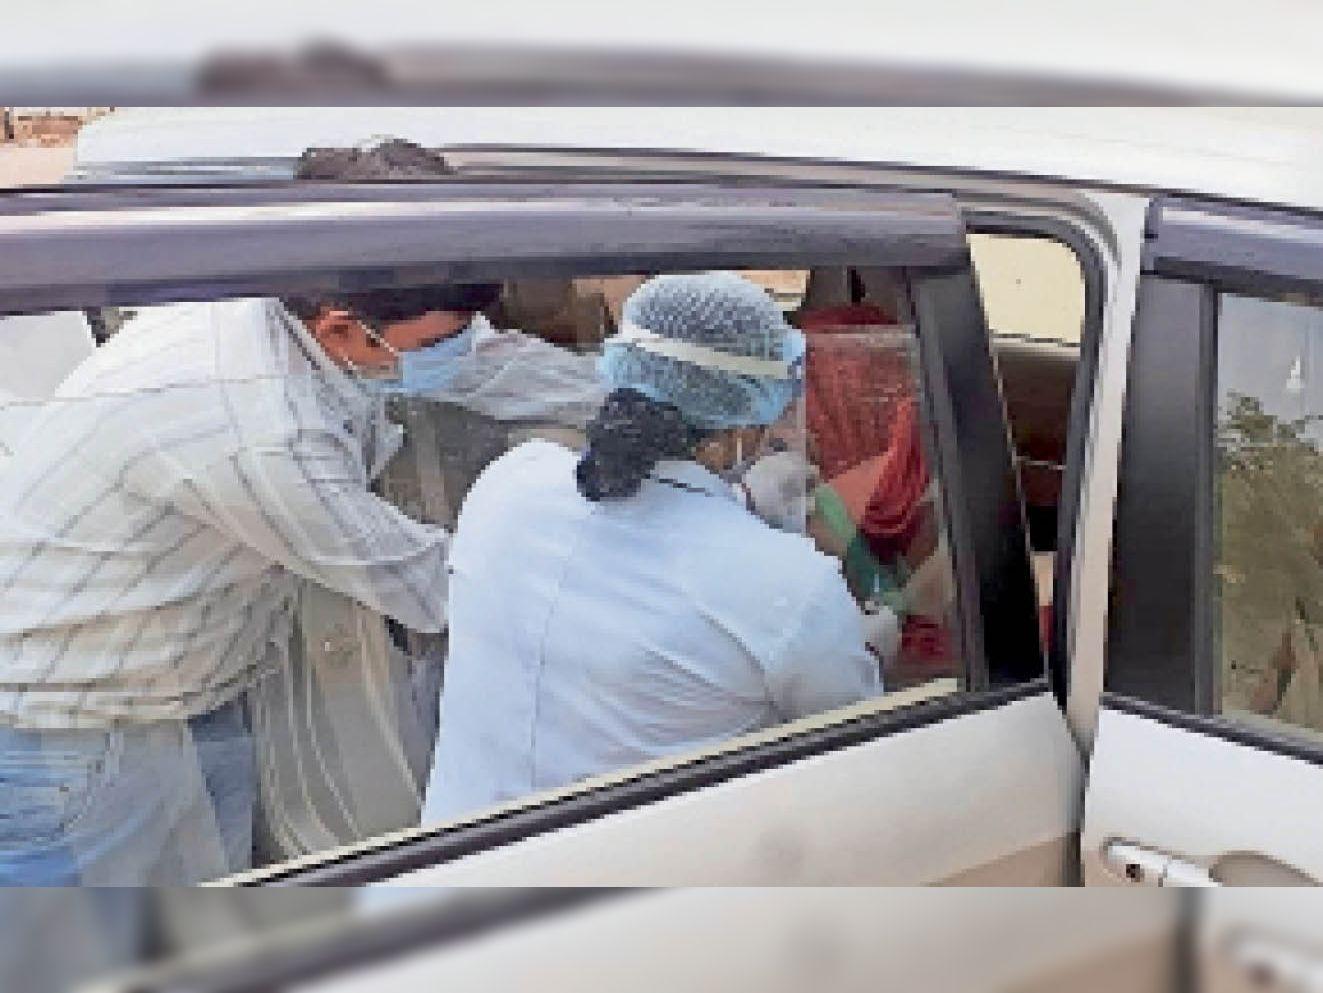 छतरपुर। कार में बैठे 18 साल से अधिक आयु के व्यक्ति को वैक्सीनेशन लगाती स्वास्थ्य विभाग की टीम। - Dainik Bhaskar